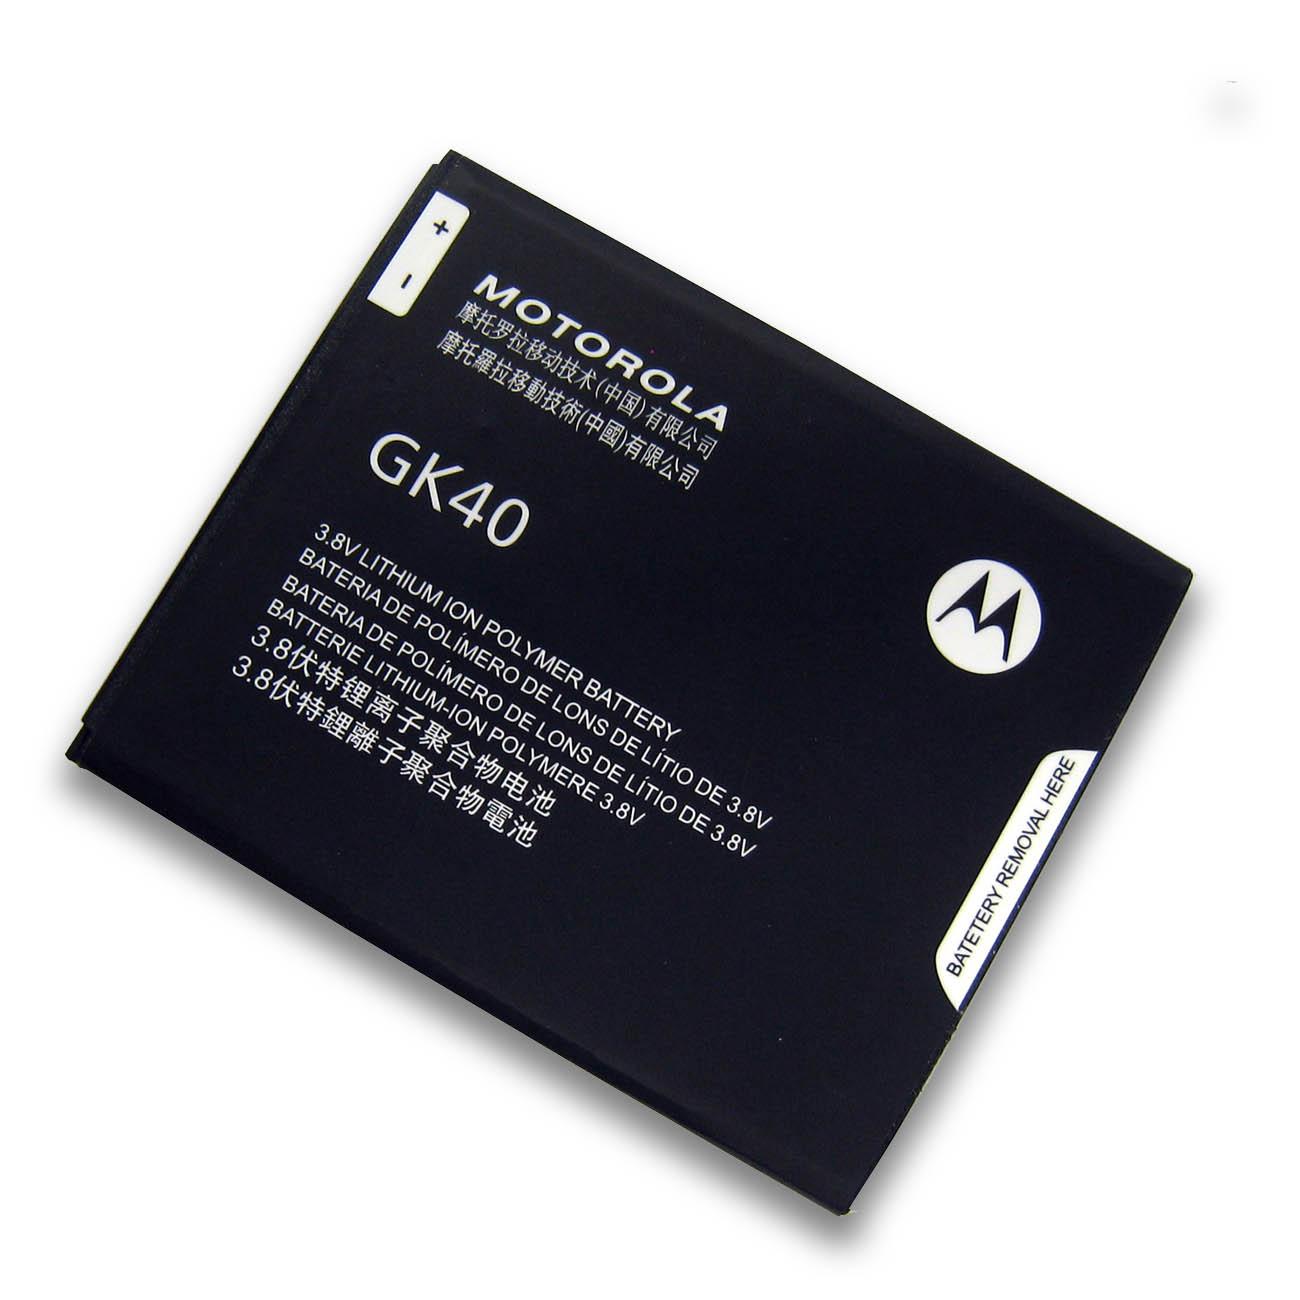 【全国送料無料】MOTOROLA Moto G5 | Moto G4 Play用 メーカー純正内蔵バッテリー GK40